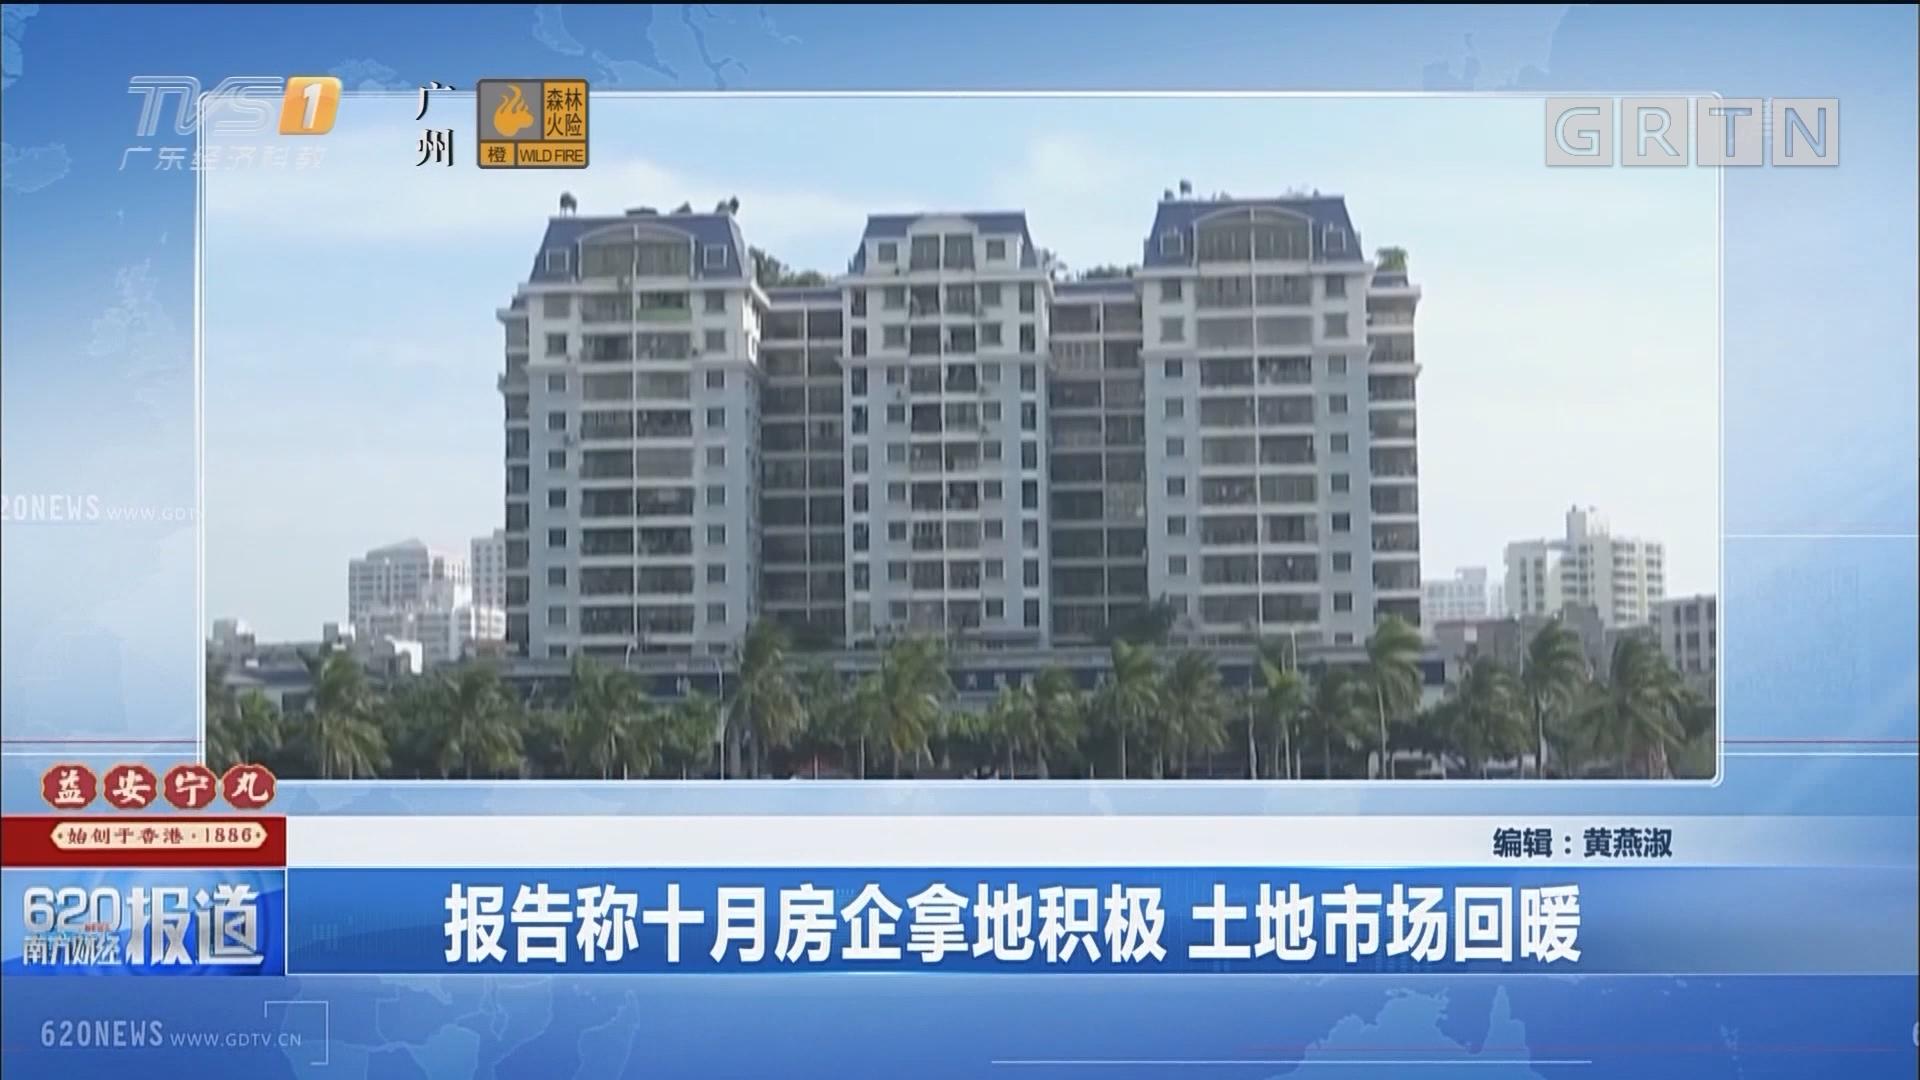 报告称十月房企拿地积极 土地市场回暖